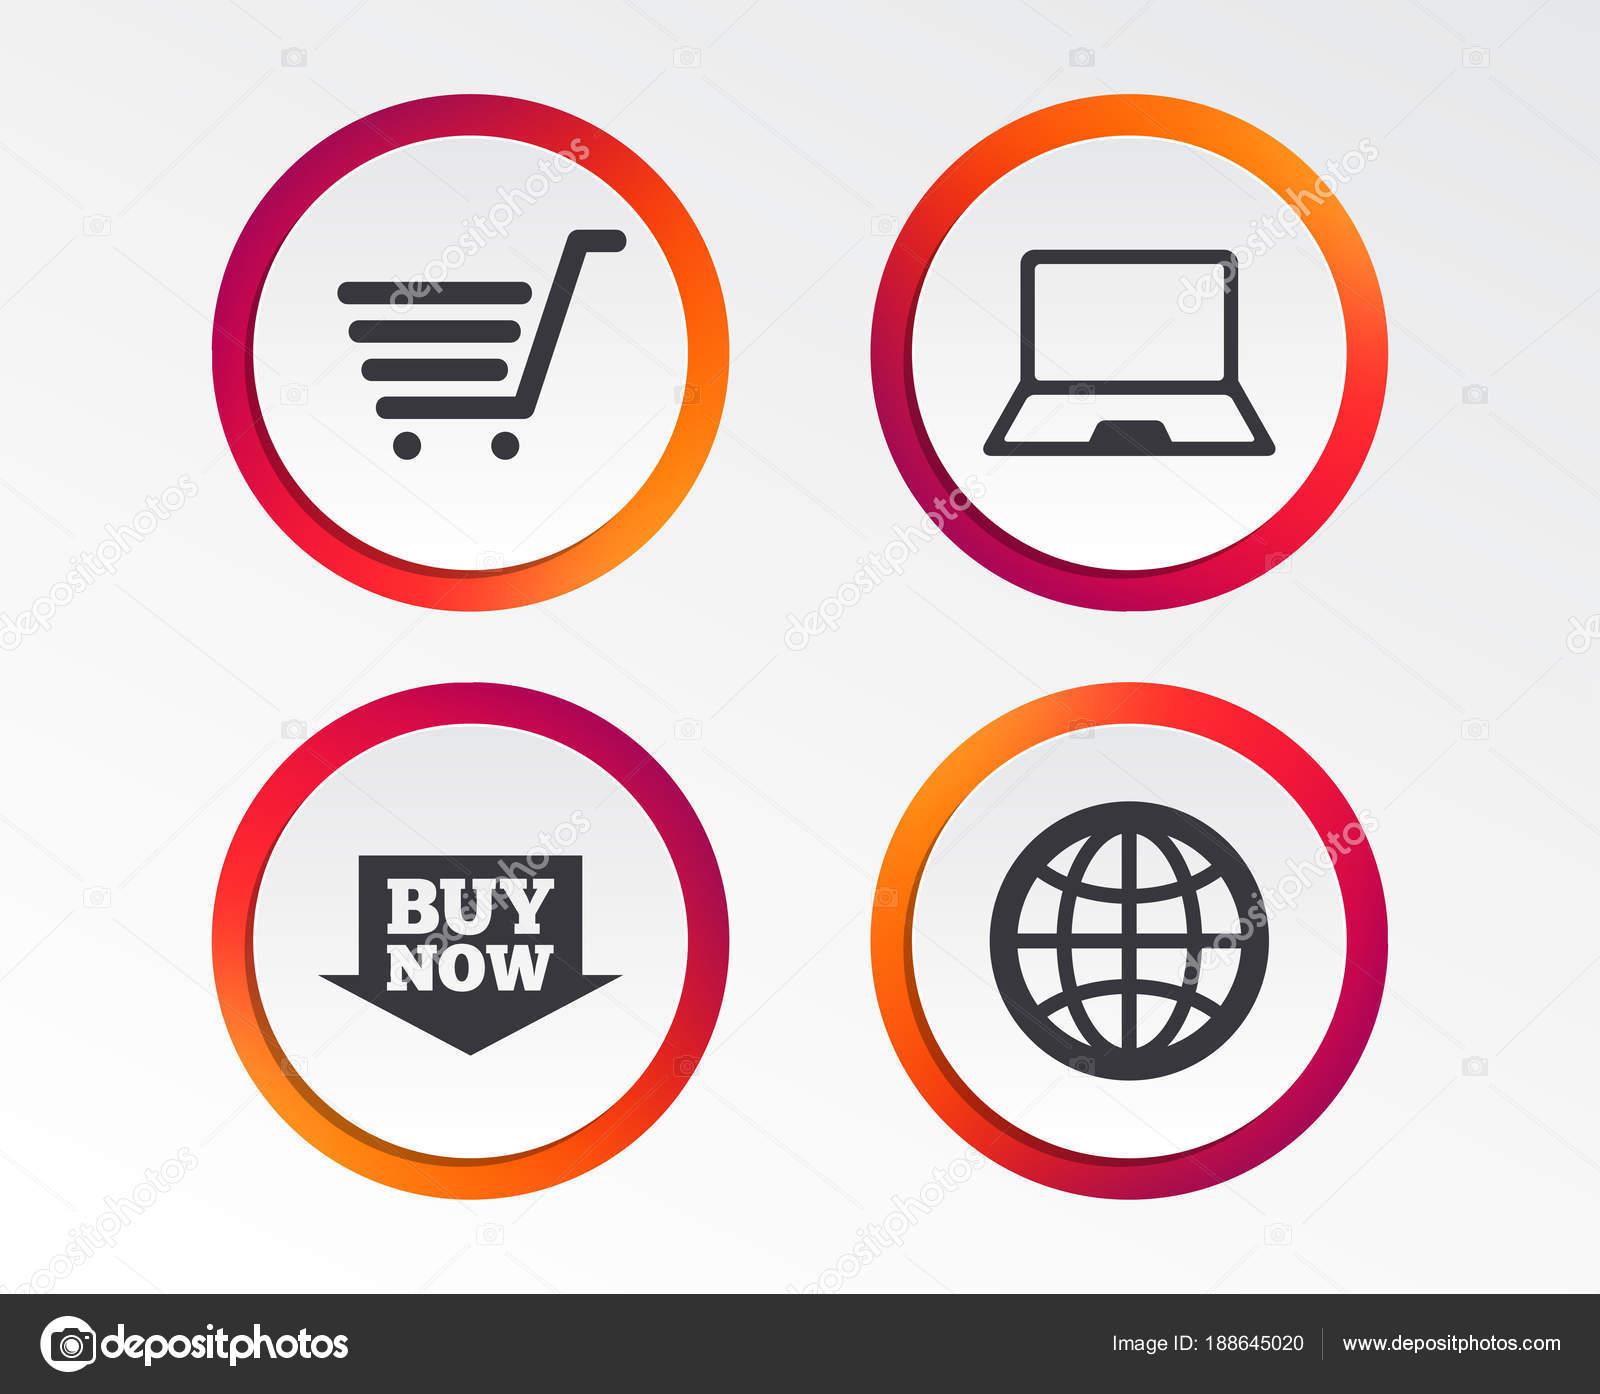 4b1ae1cc0dcb08 Icone di acquisto online. Pc notebook, carrello, Acquista ora segni freccia e  internet. Simbolo del globo www. Pulsanti di progettazione infografica.